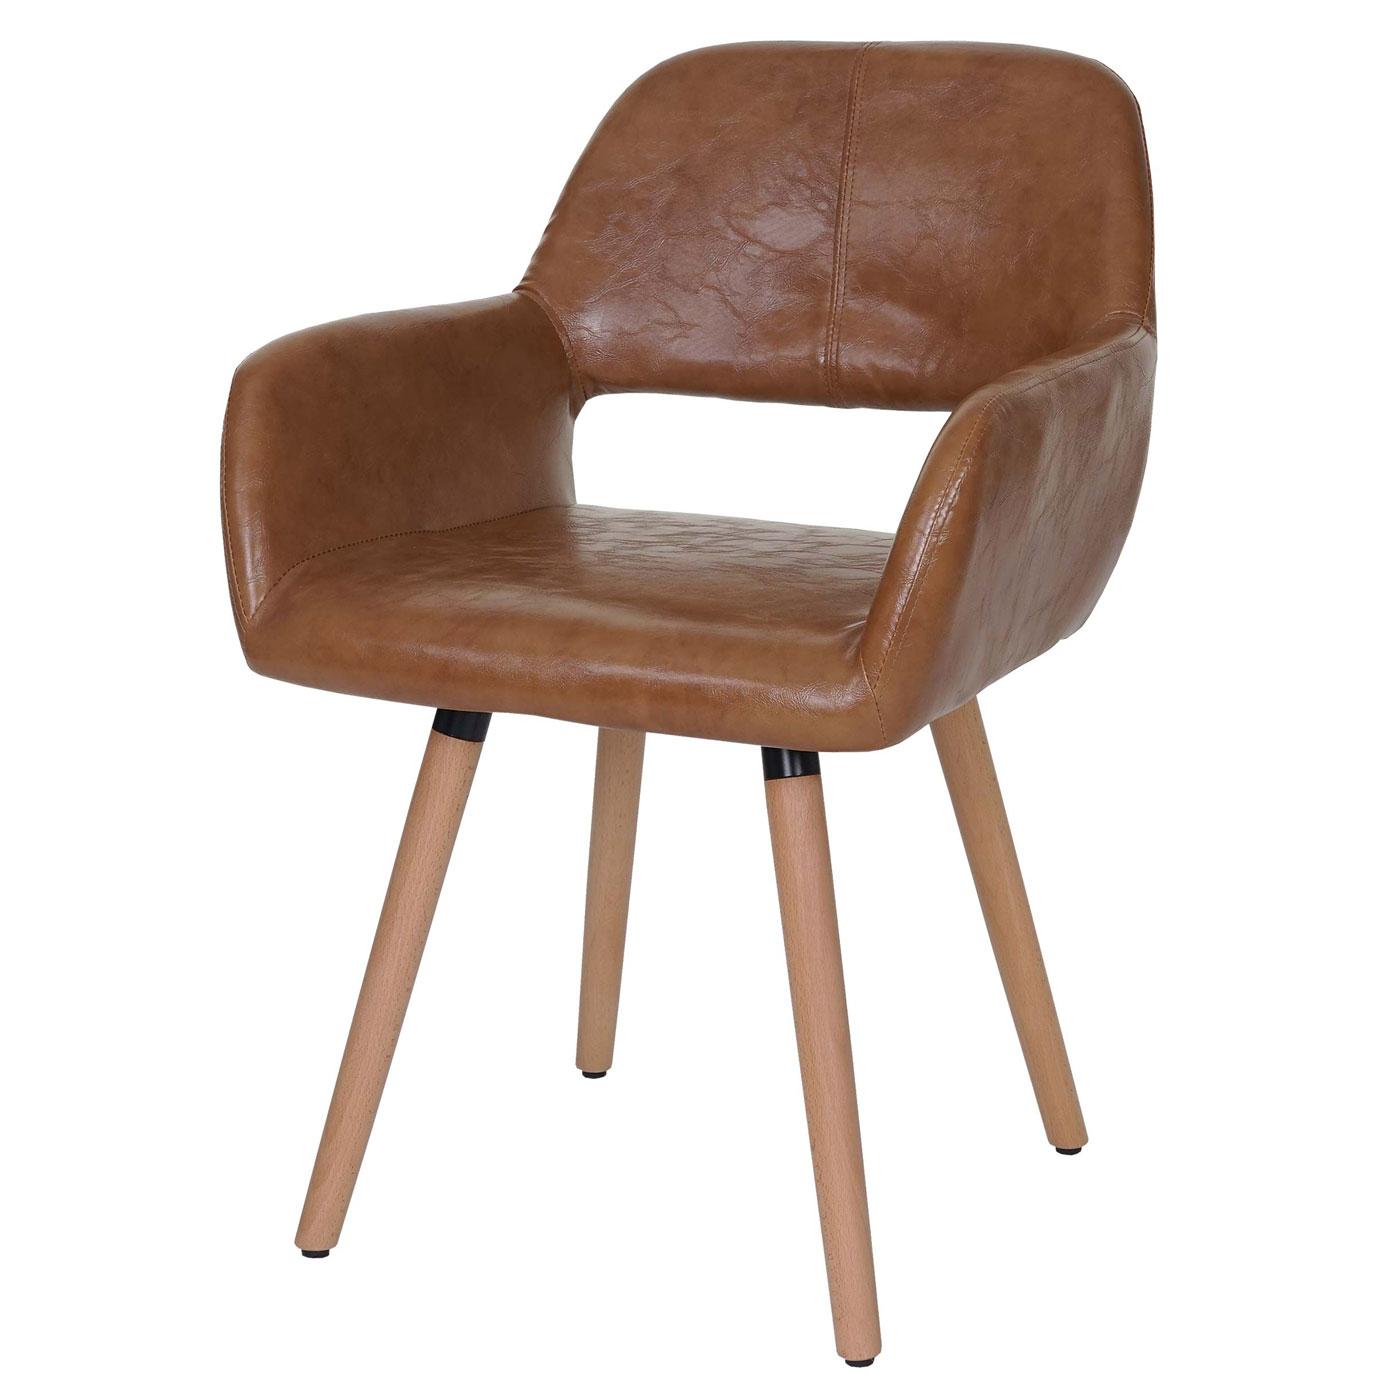 esszimmerstuhl dohna ii stuhl lehnstuhl retro kunstleder. Black Bedroom Furniture Sets. Home Design Ideas